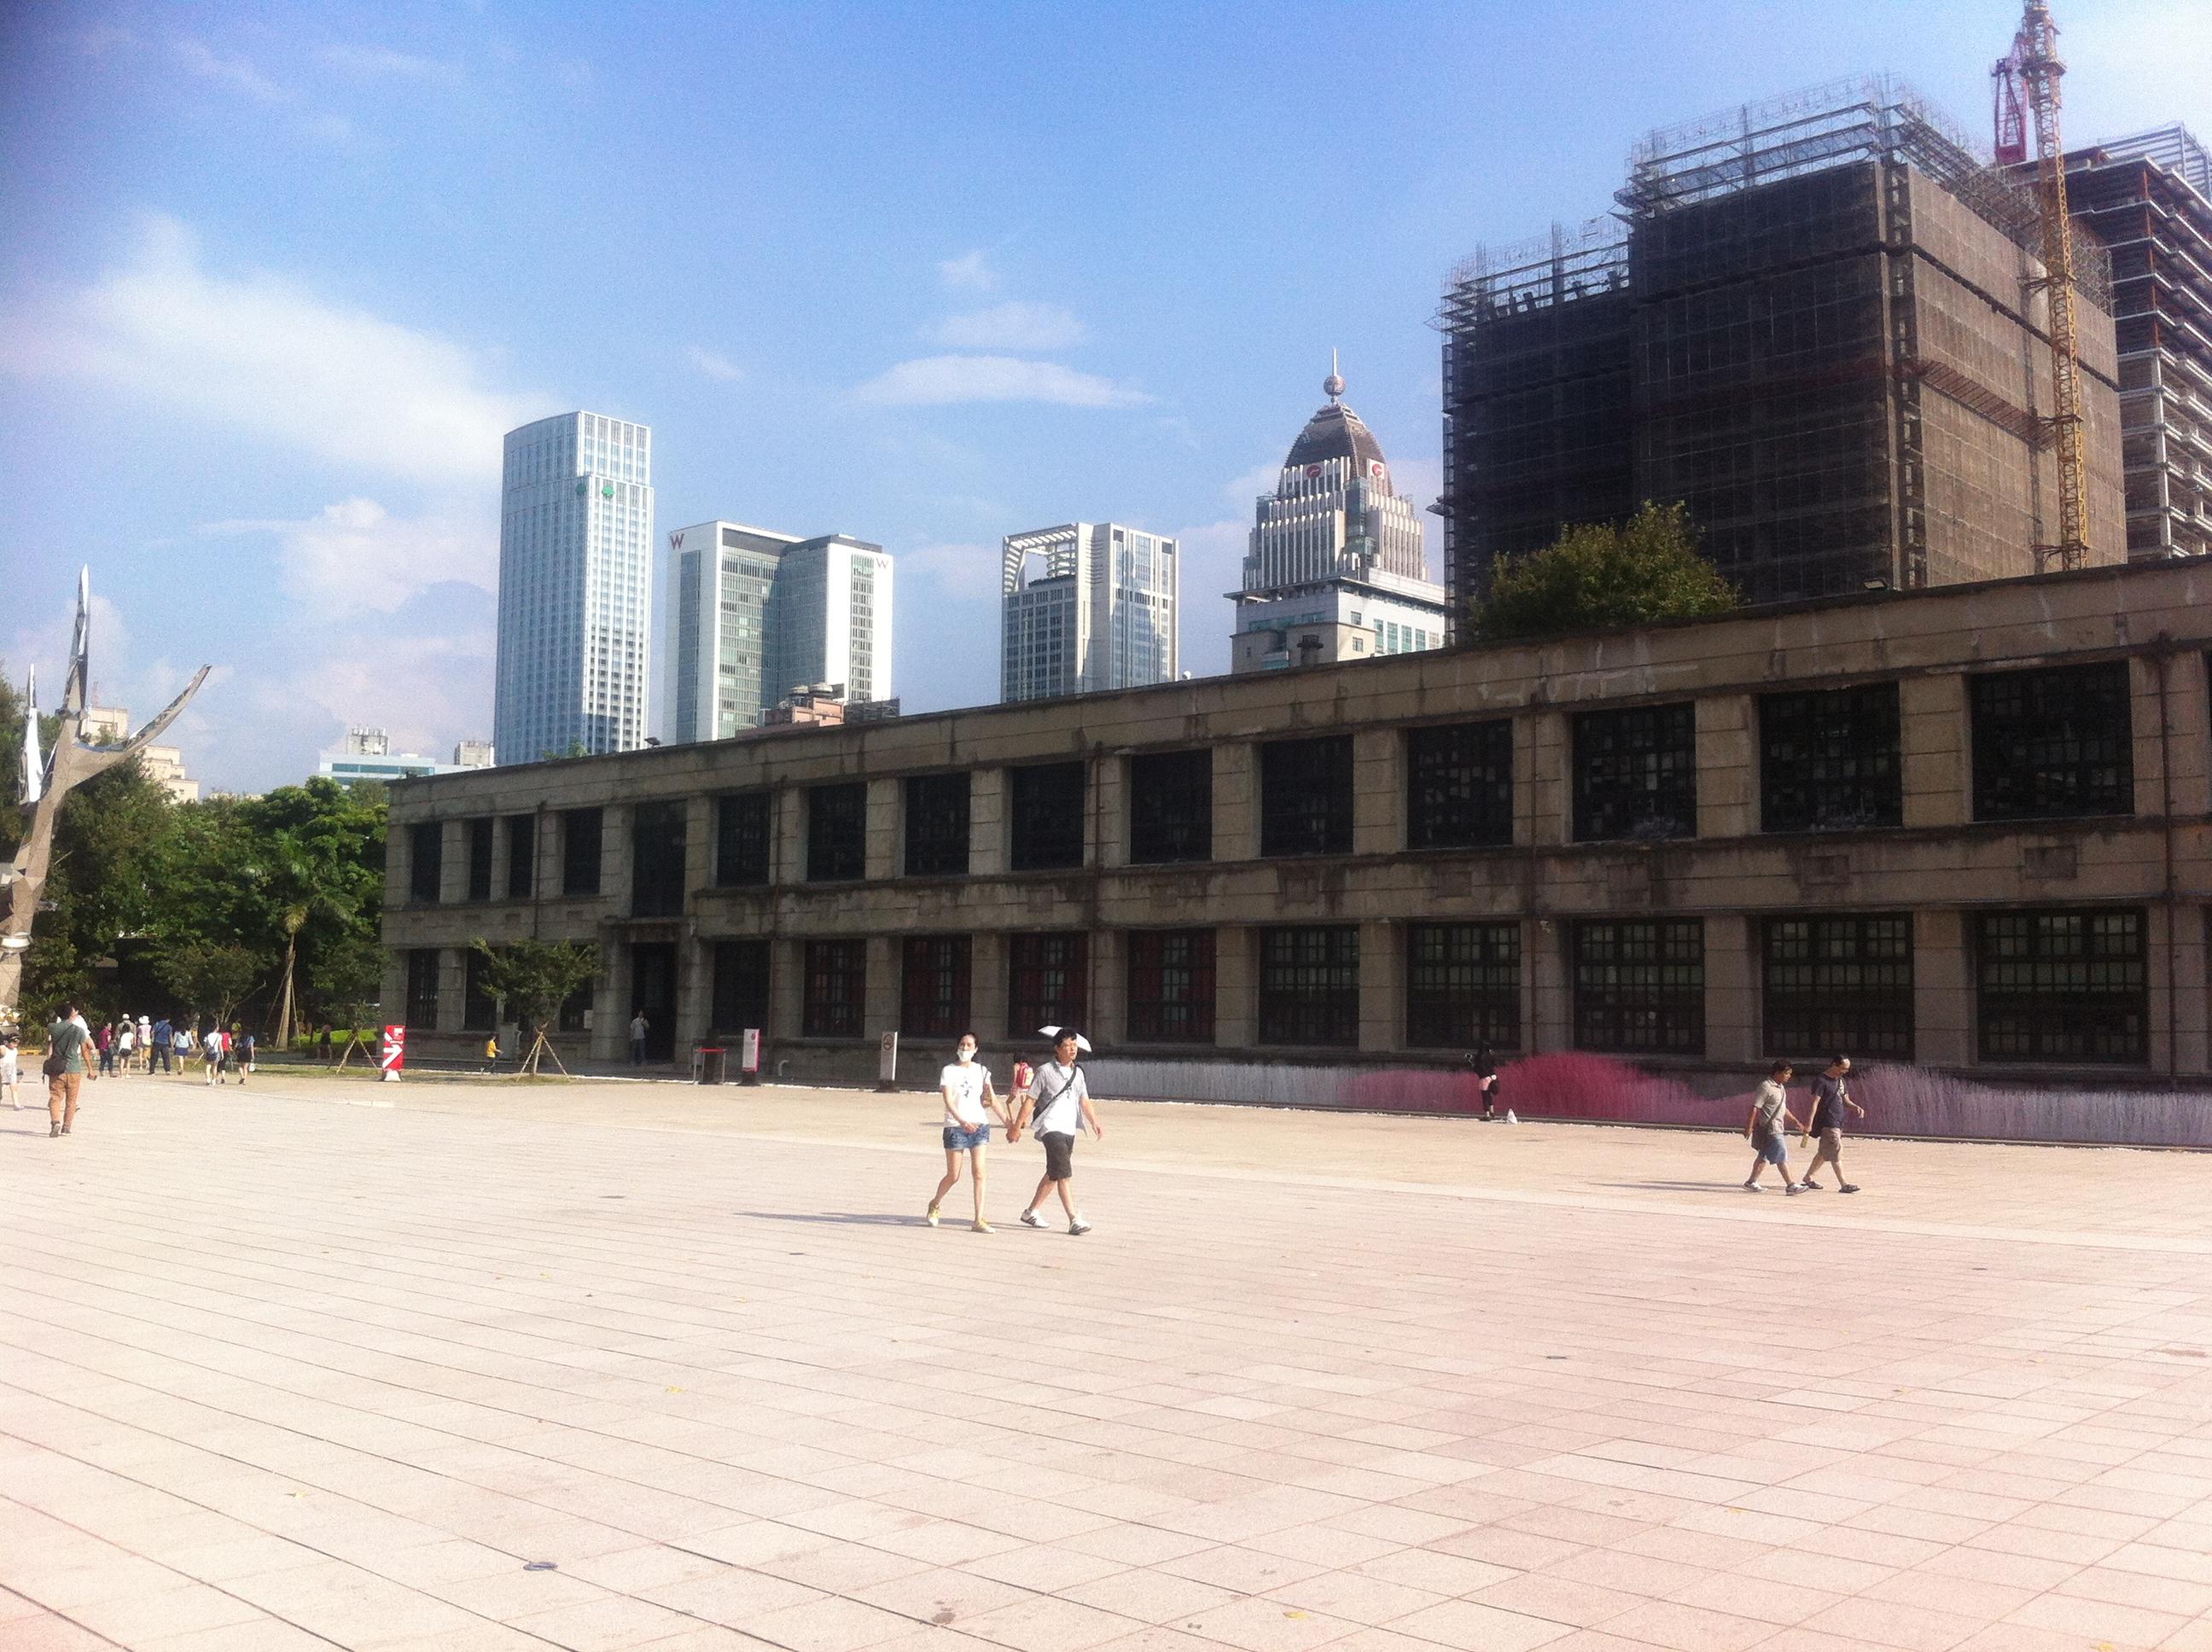 【観光】松山文創園区で現代のデザインやアートを楽しむ♪